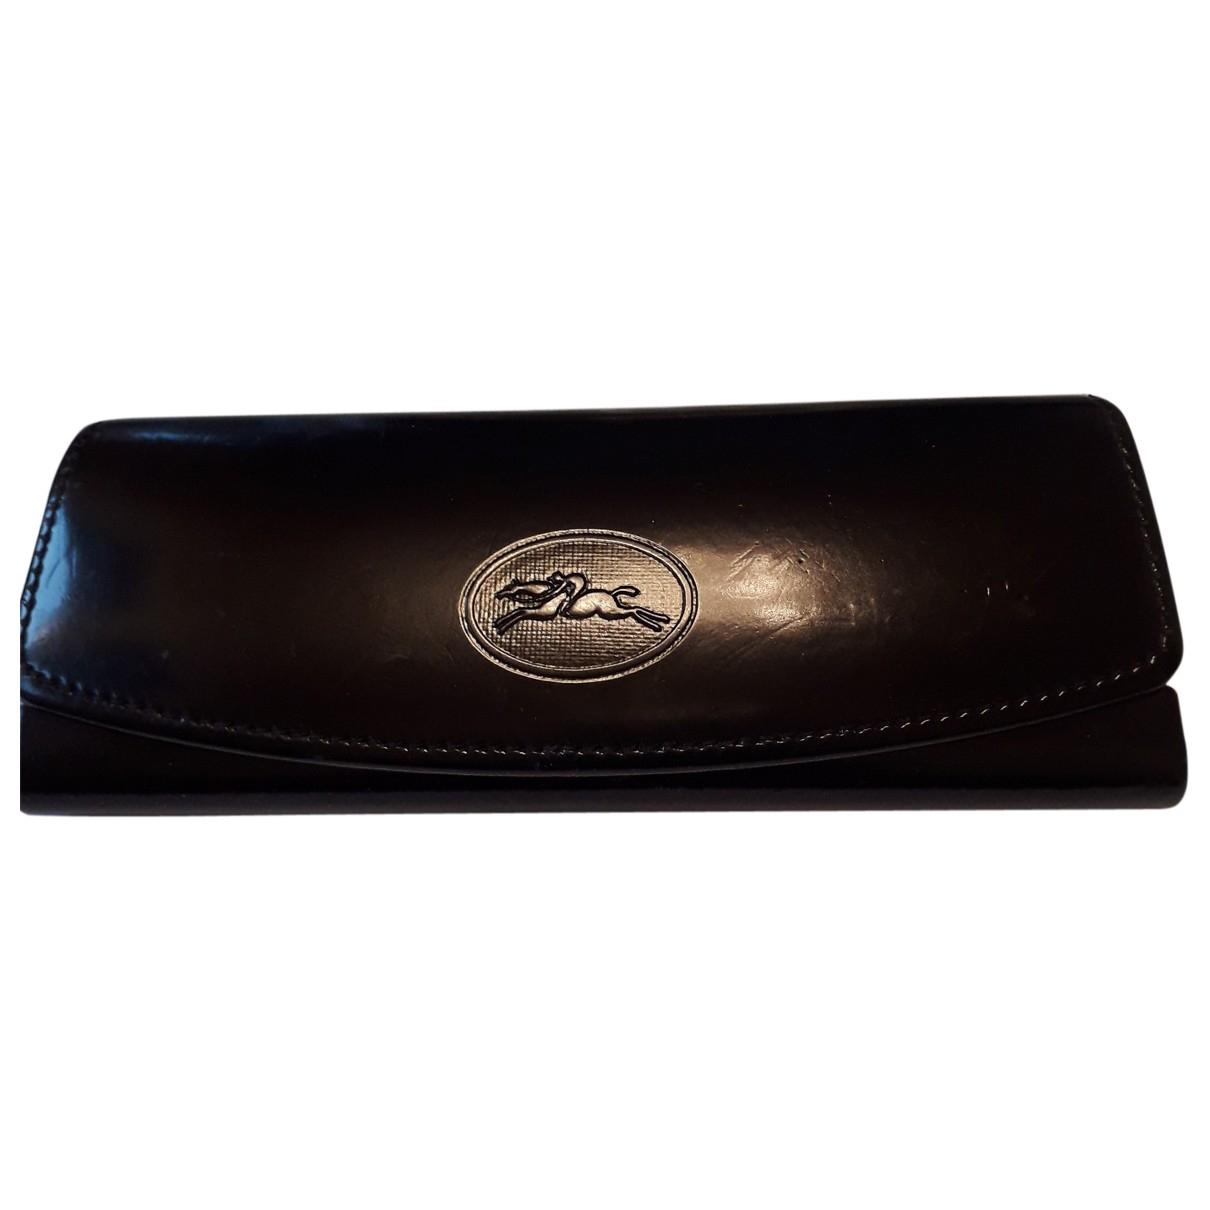 Longchamp \N Accessoires und Dekoration in  Schwarz Leder